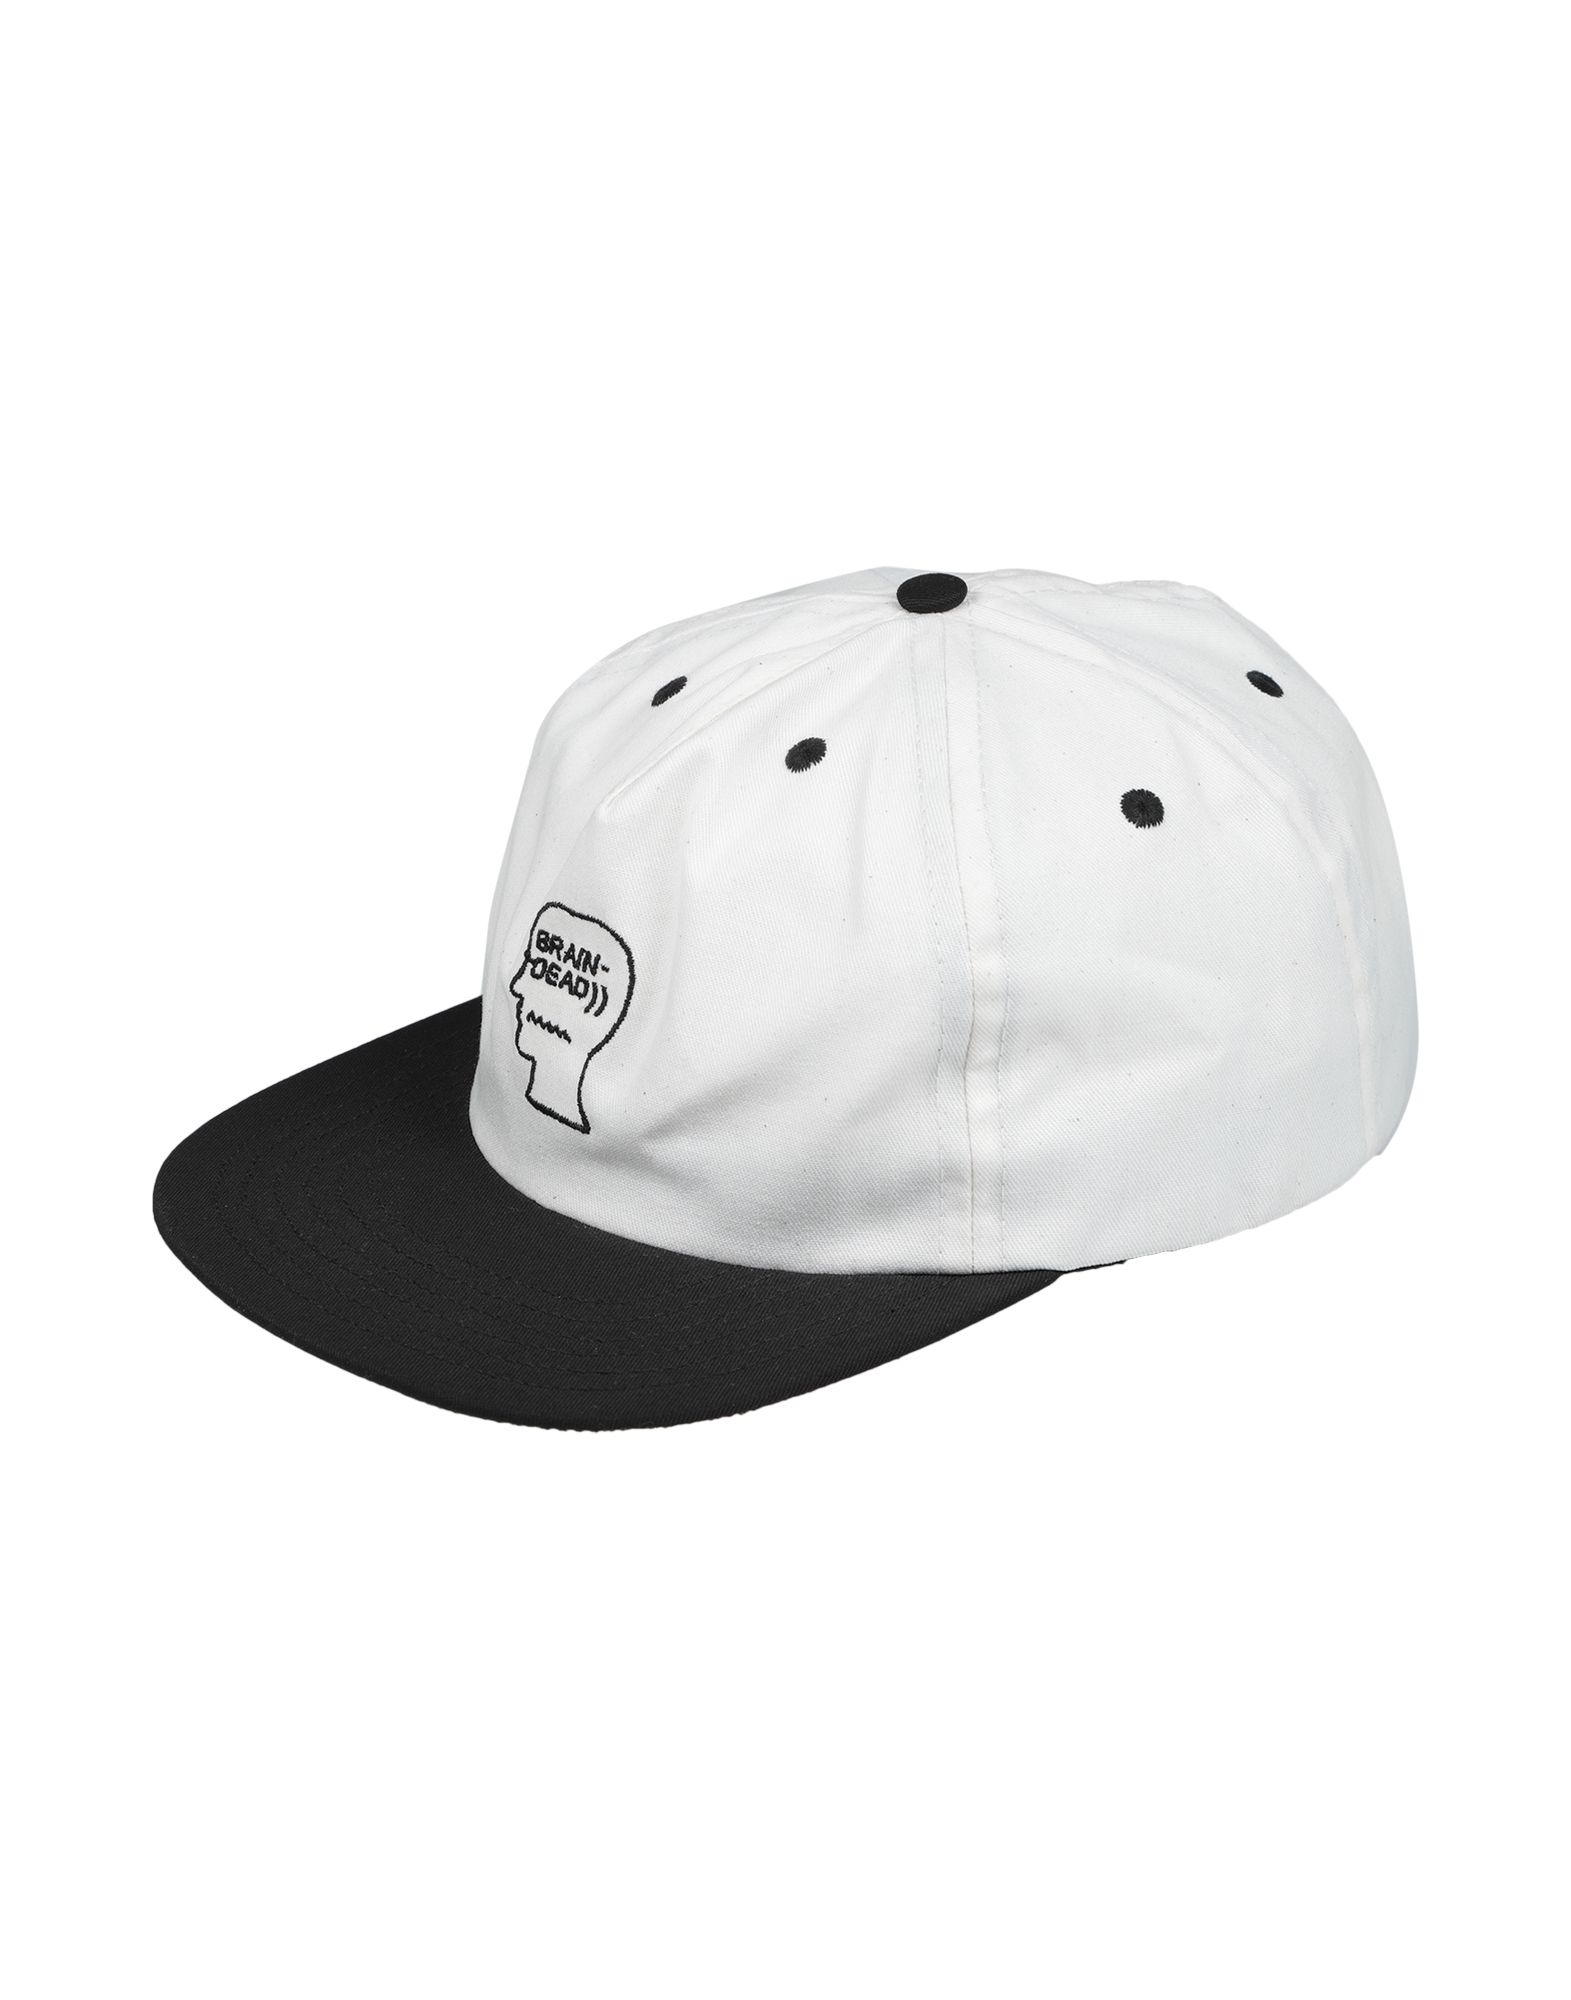 《送料無料》BRAIN DEAD メンズ 帽子 ホワイト one size コットン 100%